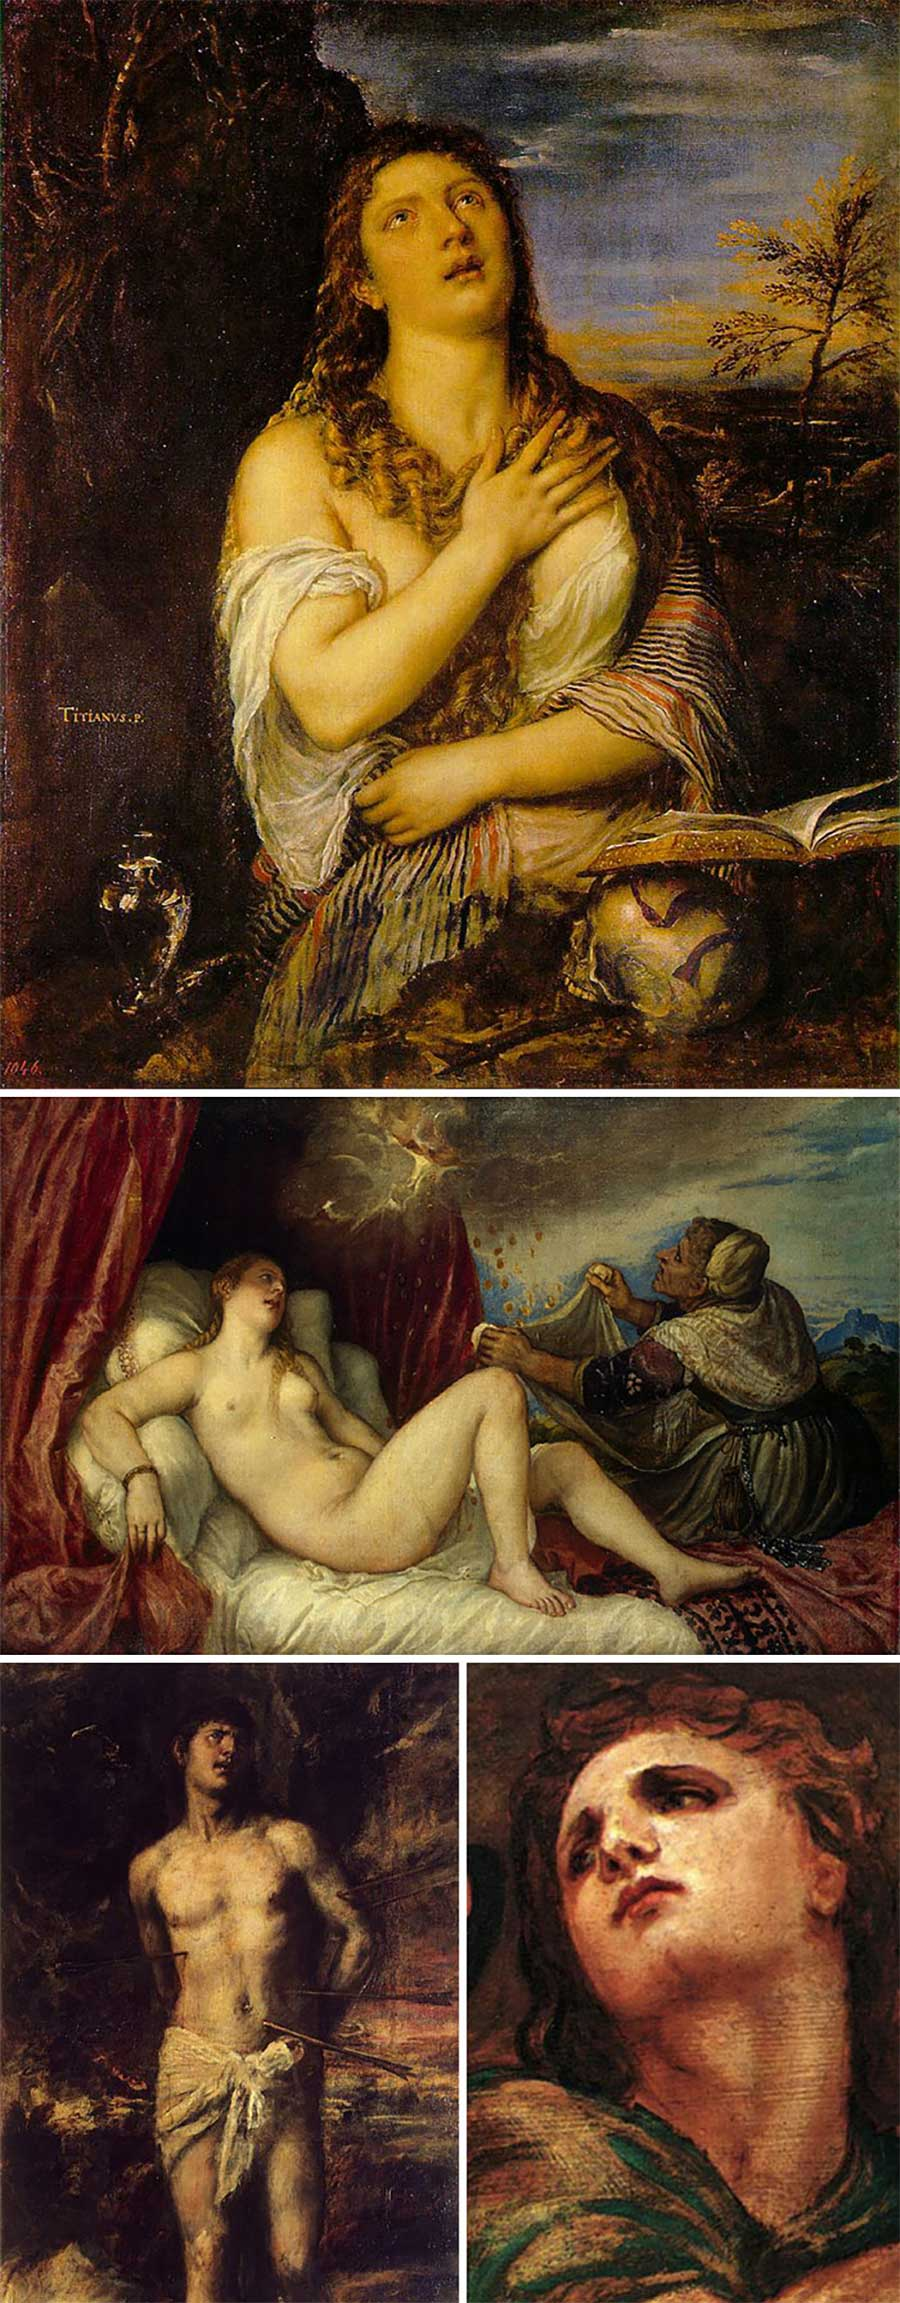 Ulkige Merkmale, woran man erkennen kann, welcher Künstler ein Gemälde gemalt hat gemaelde-malern-zuordnen-fun_12